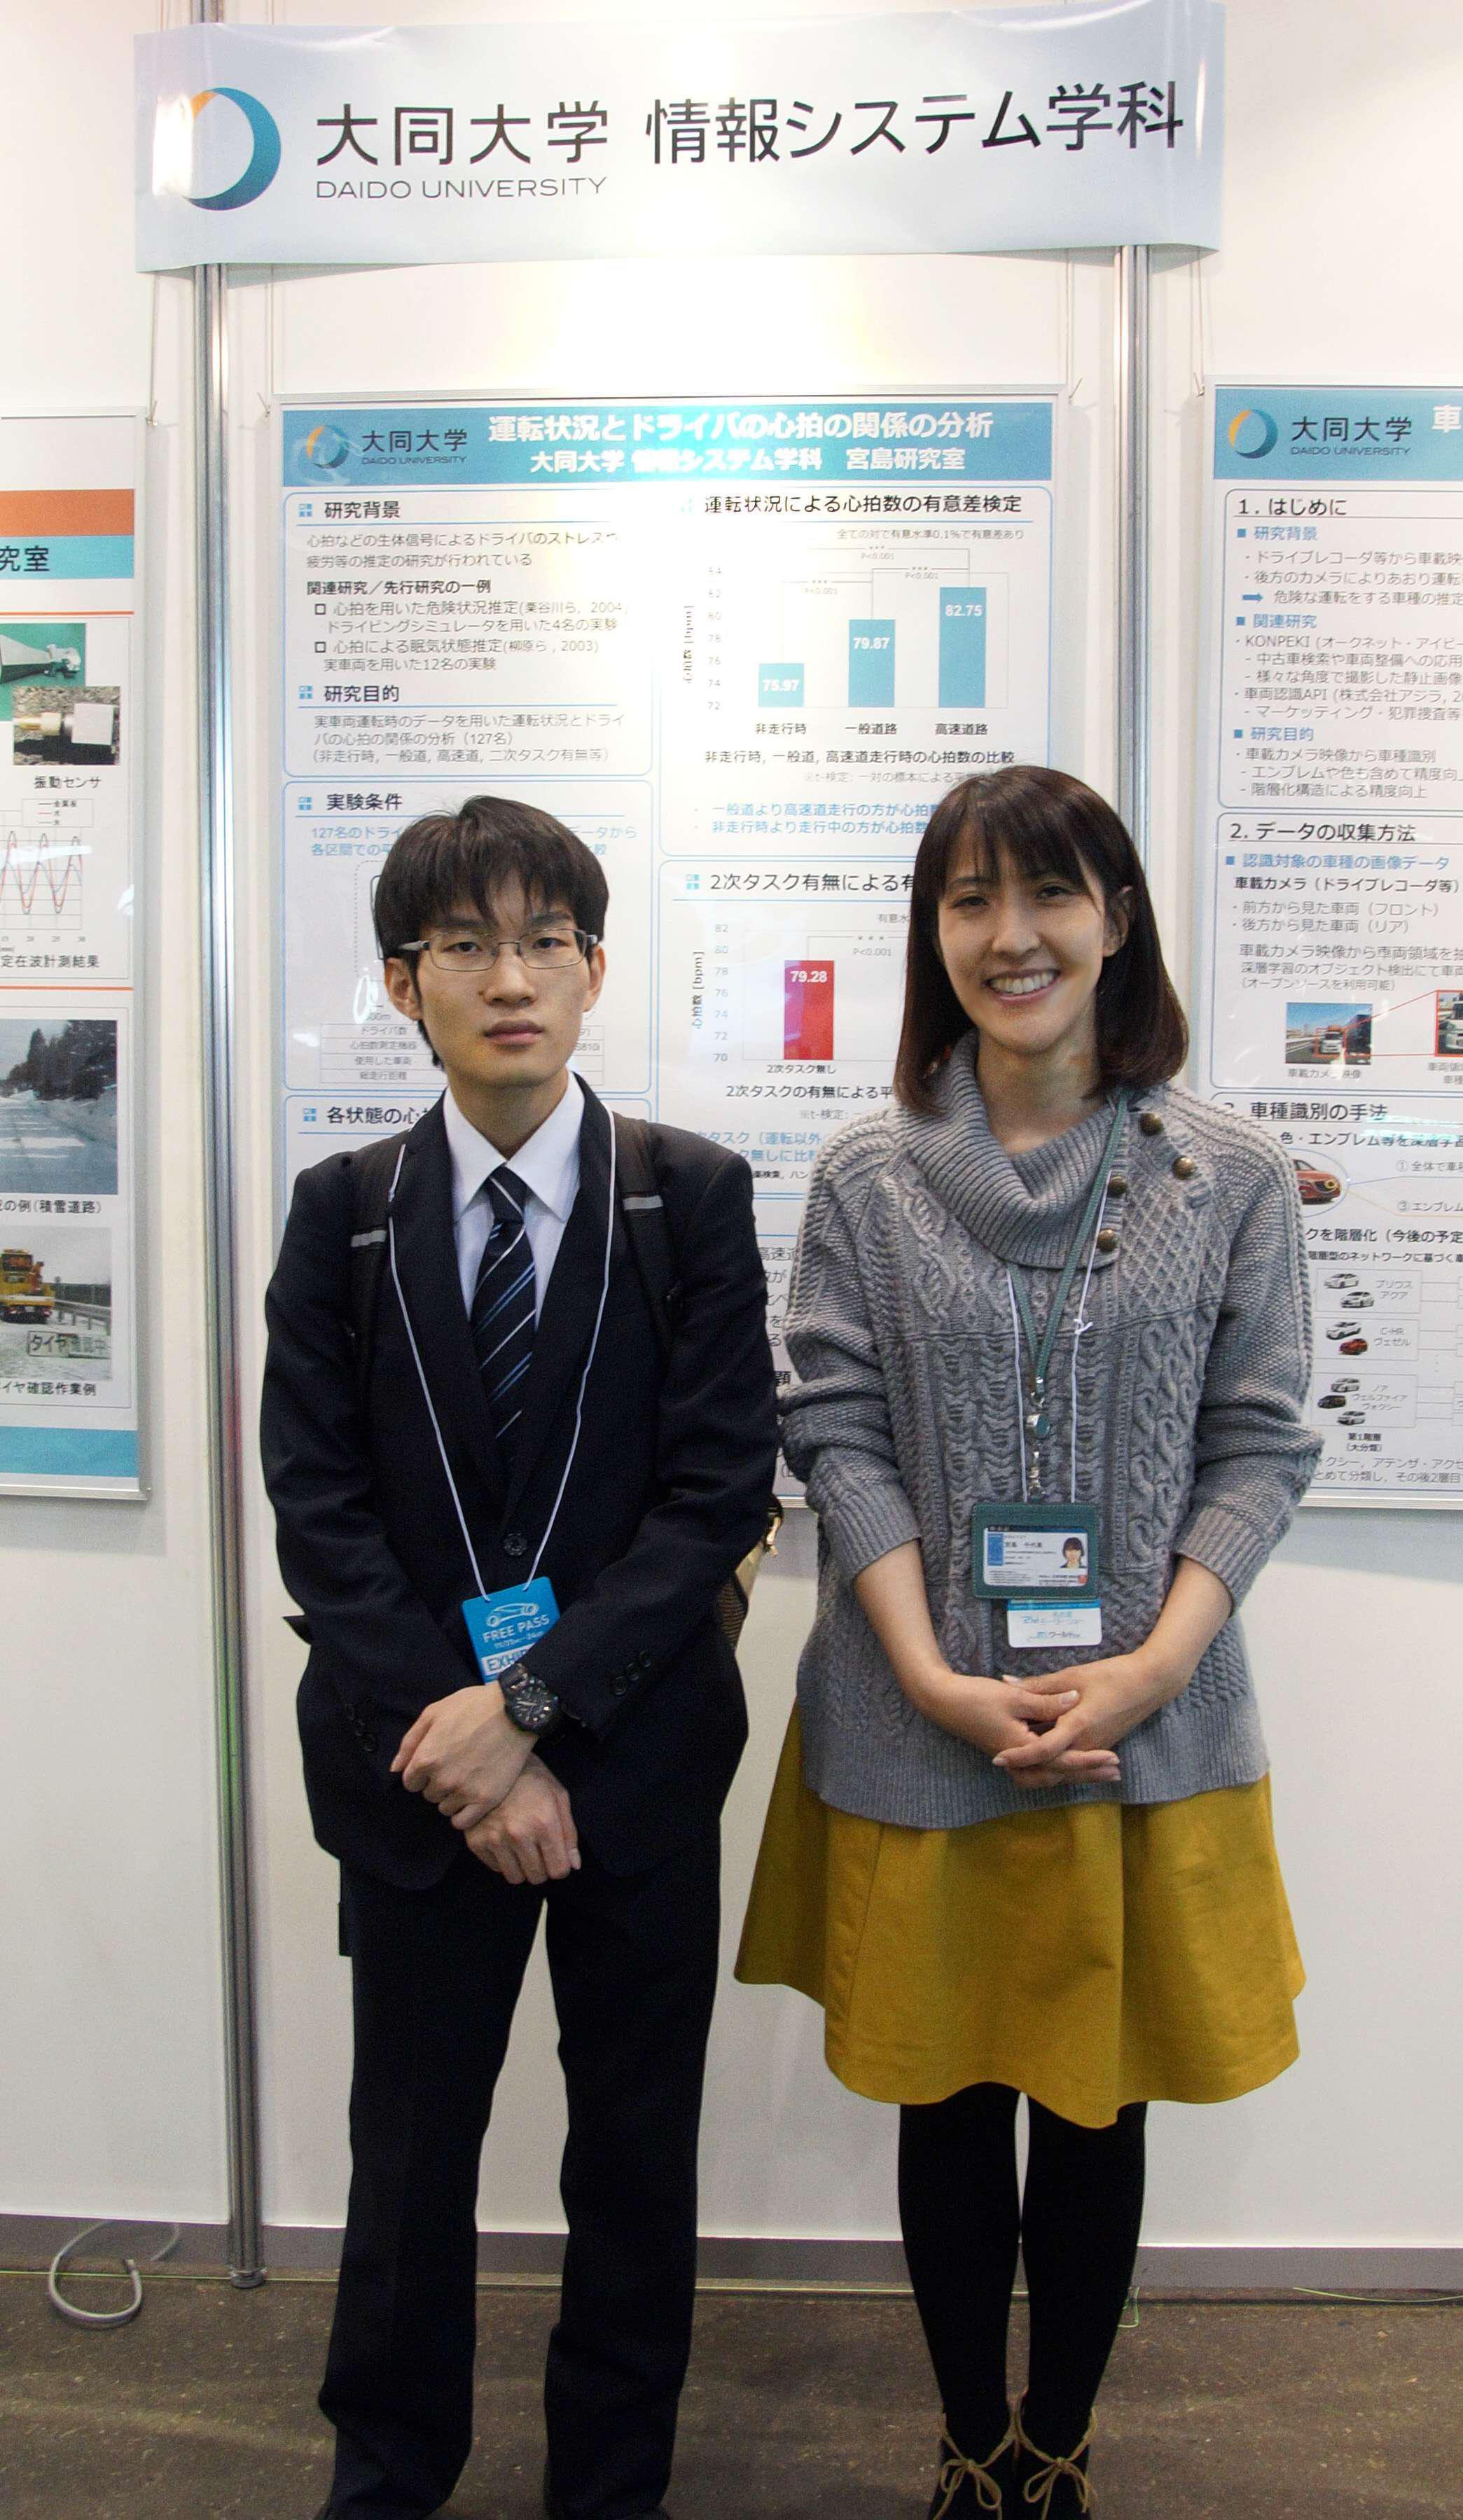 ステージ発表を行った田中さん(左)と宮島先生